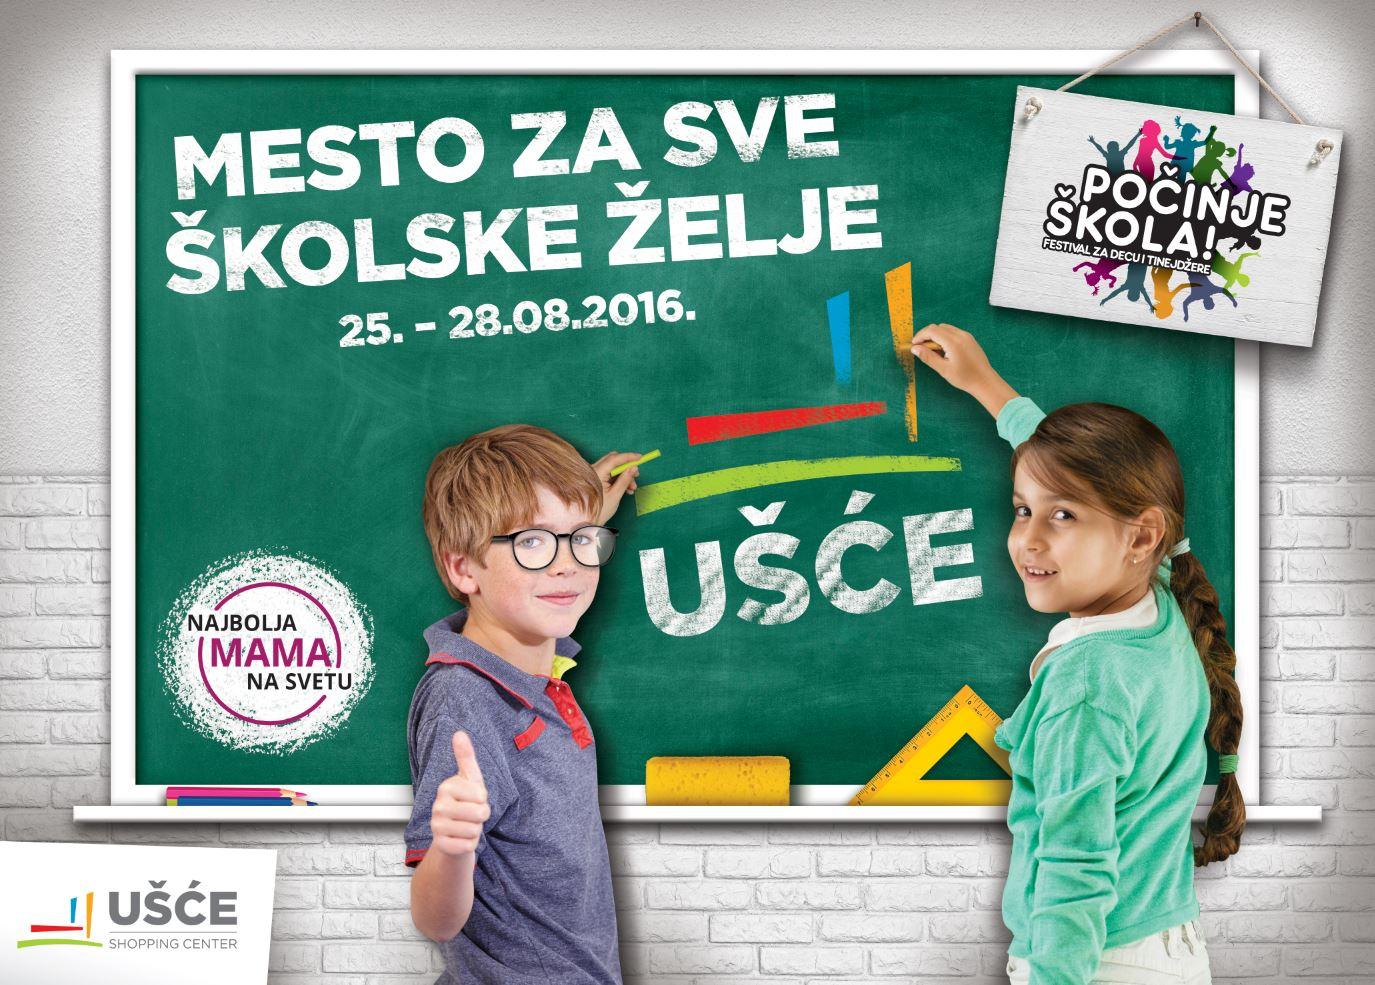 Festival Pocinje skola